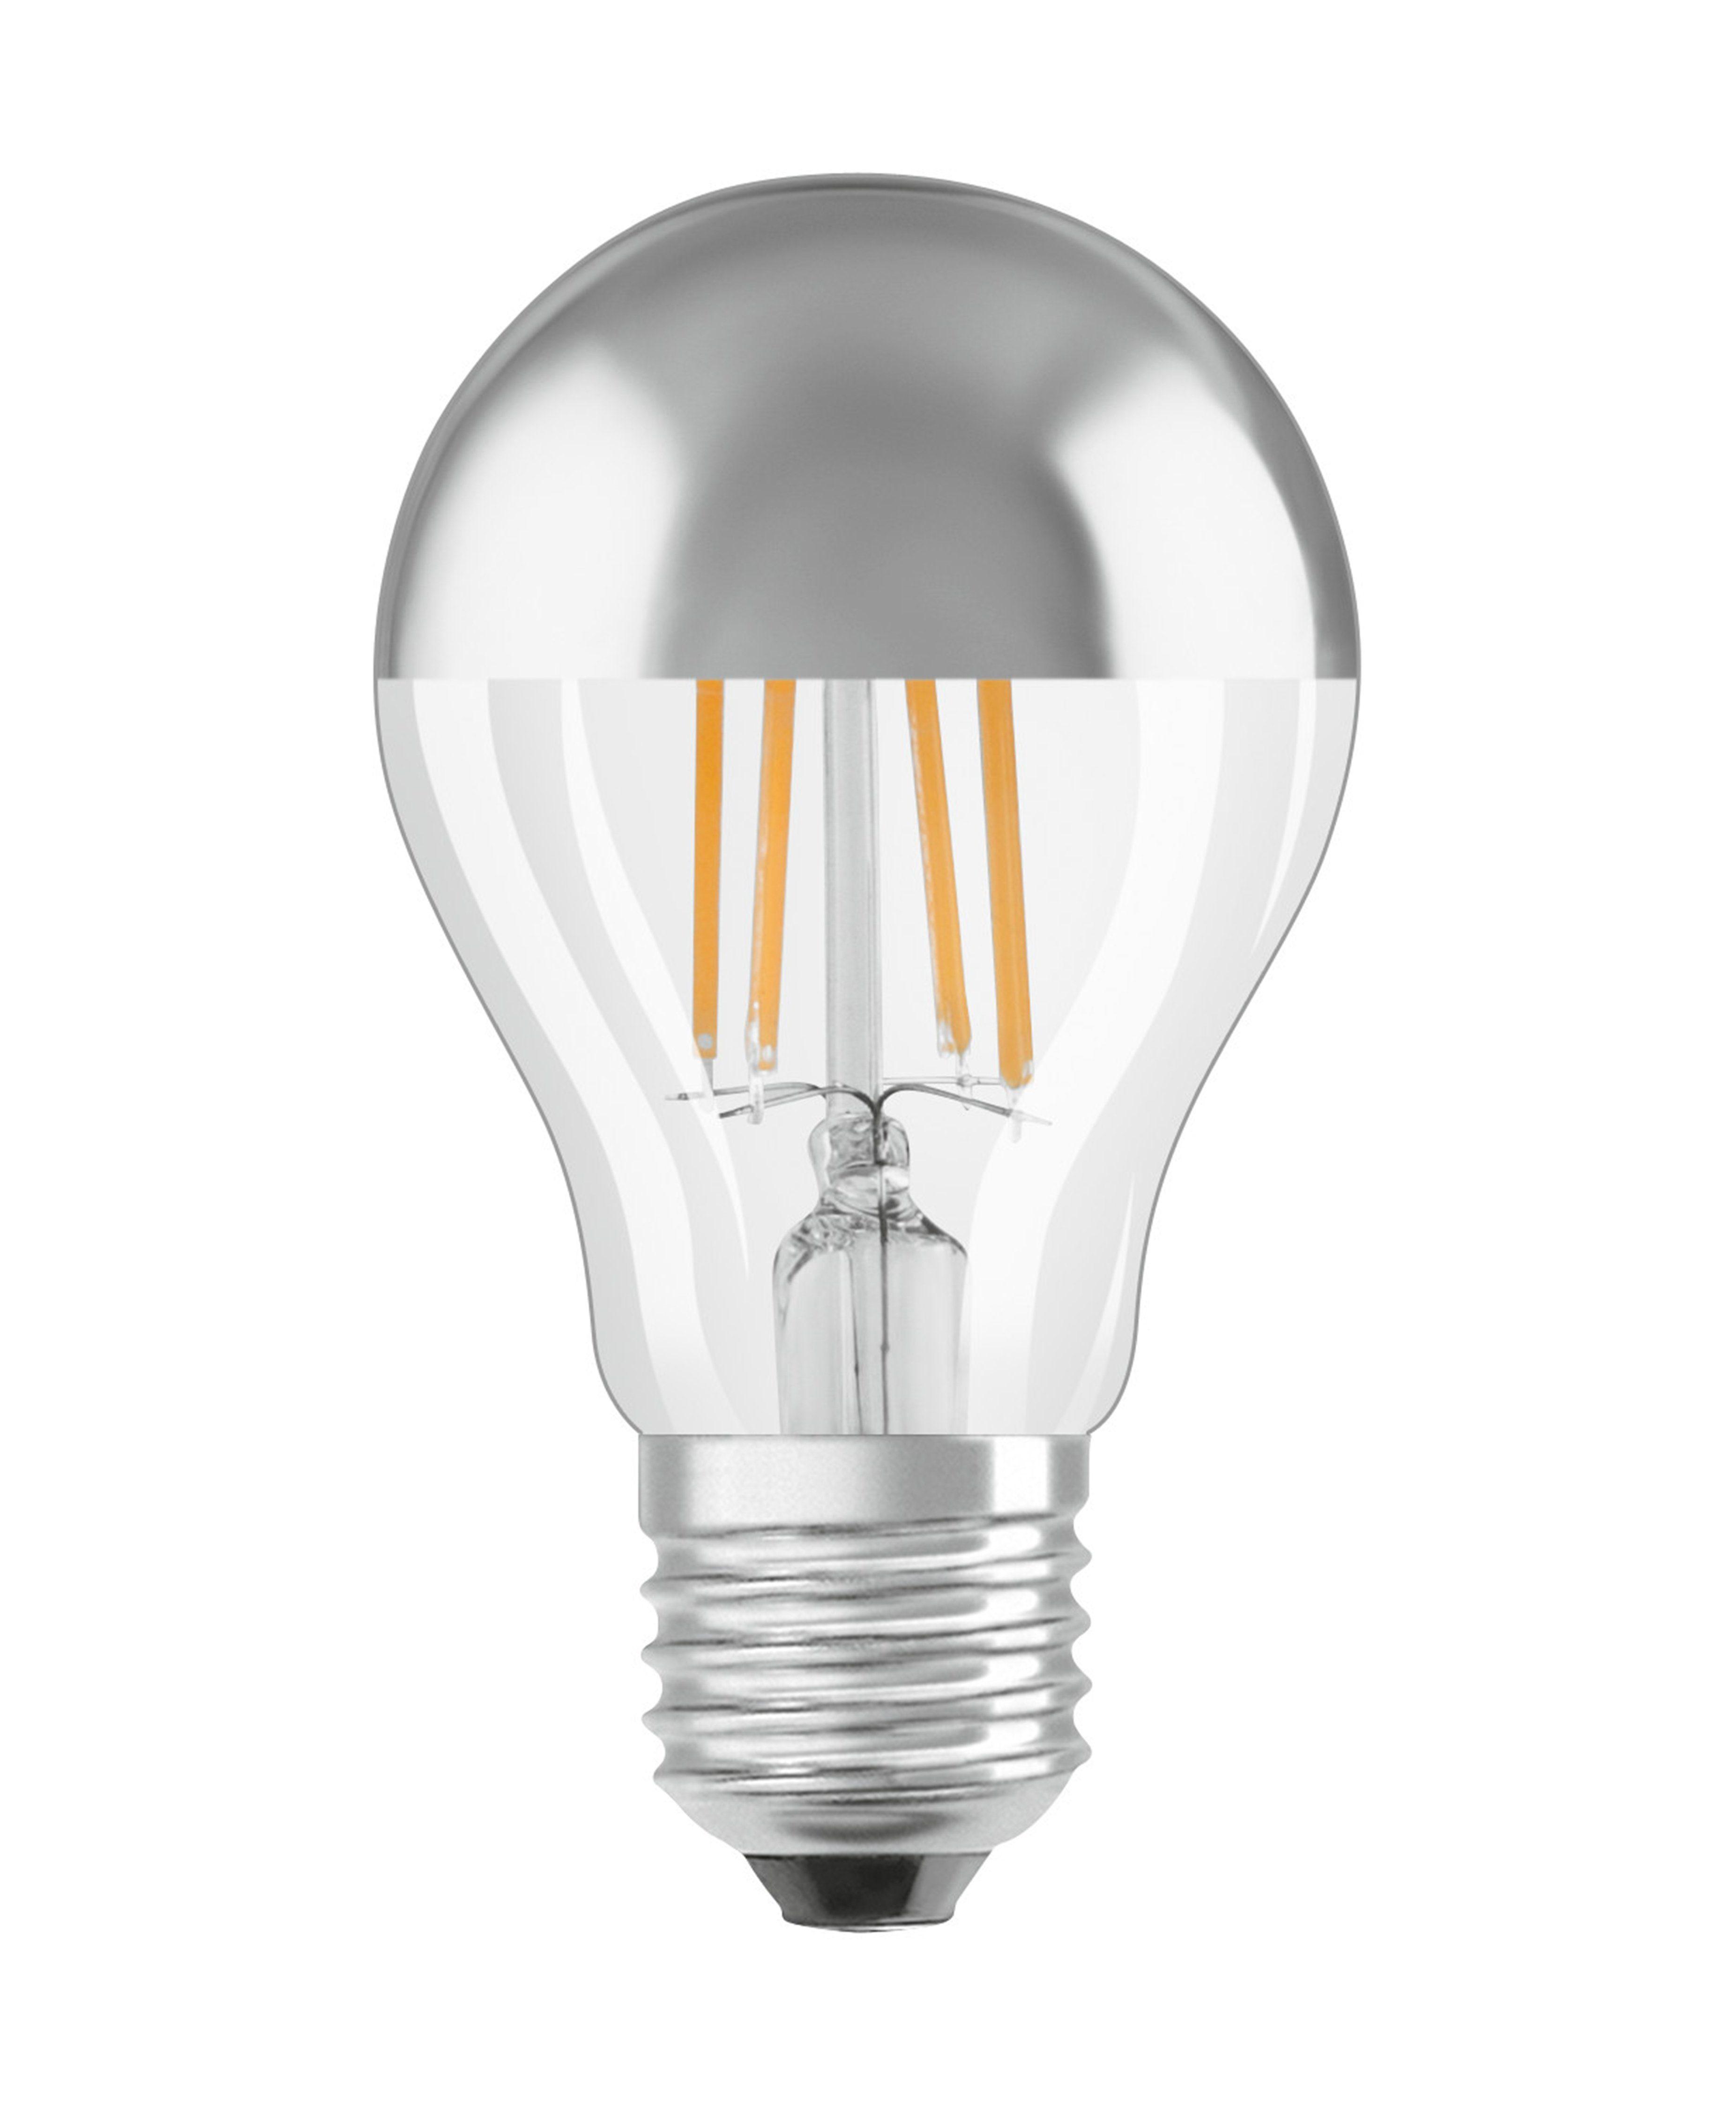 Osram ST CLAS A 34 4 W/827 E27 »LED STAR CL A FIL Mirror Silver 34 non-dim«